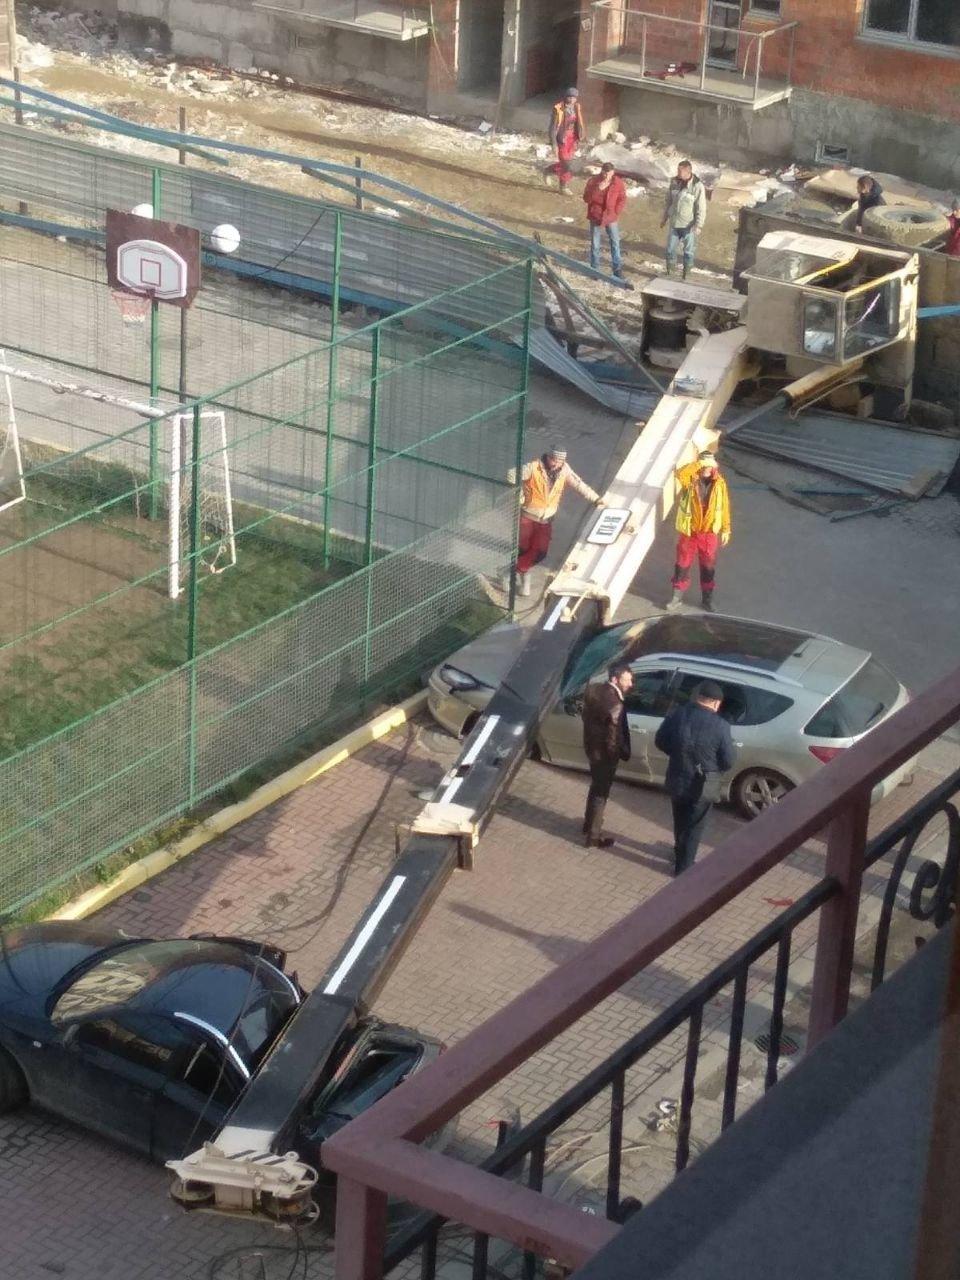 В Ужгороді впав будівельний кран - постраждали припарковані авто (ФОТО, ВІДЕО), фото-2